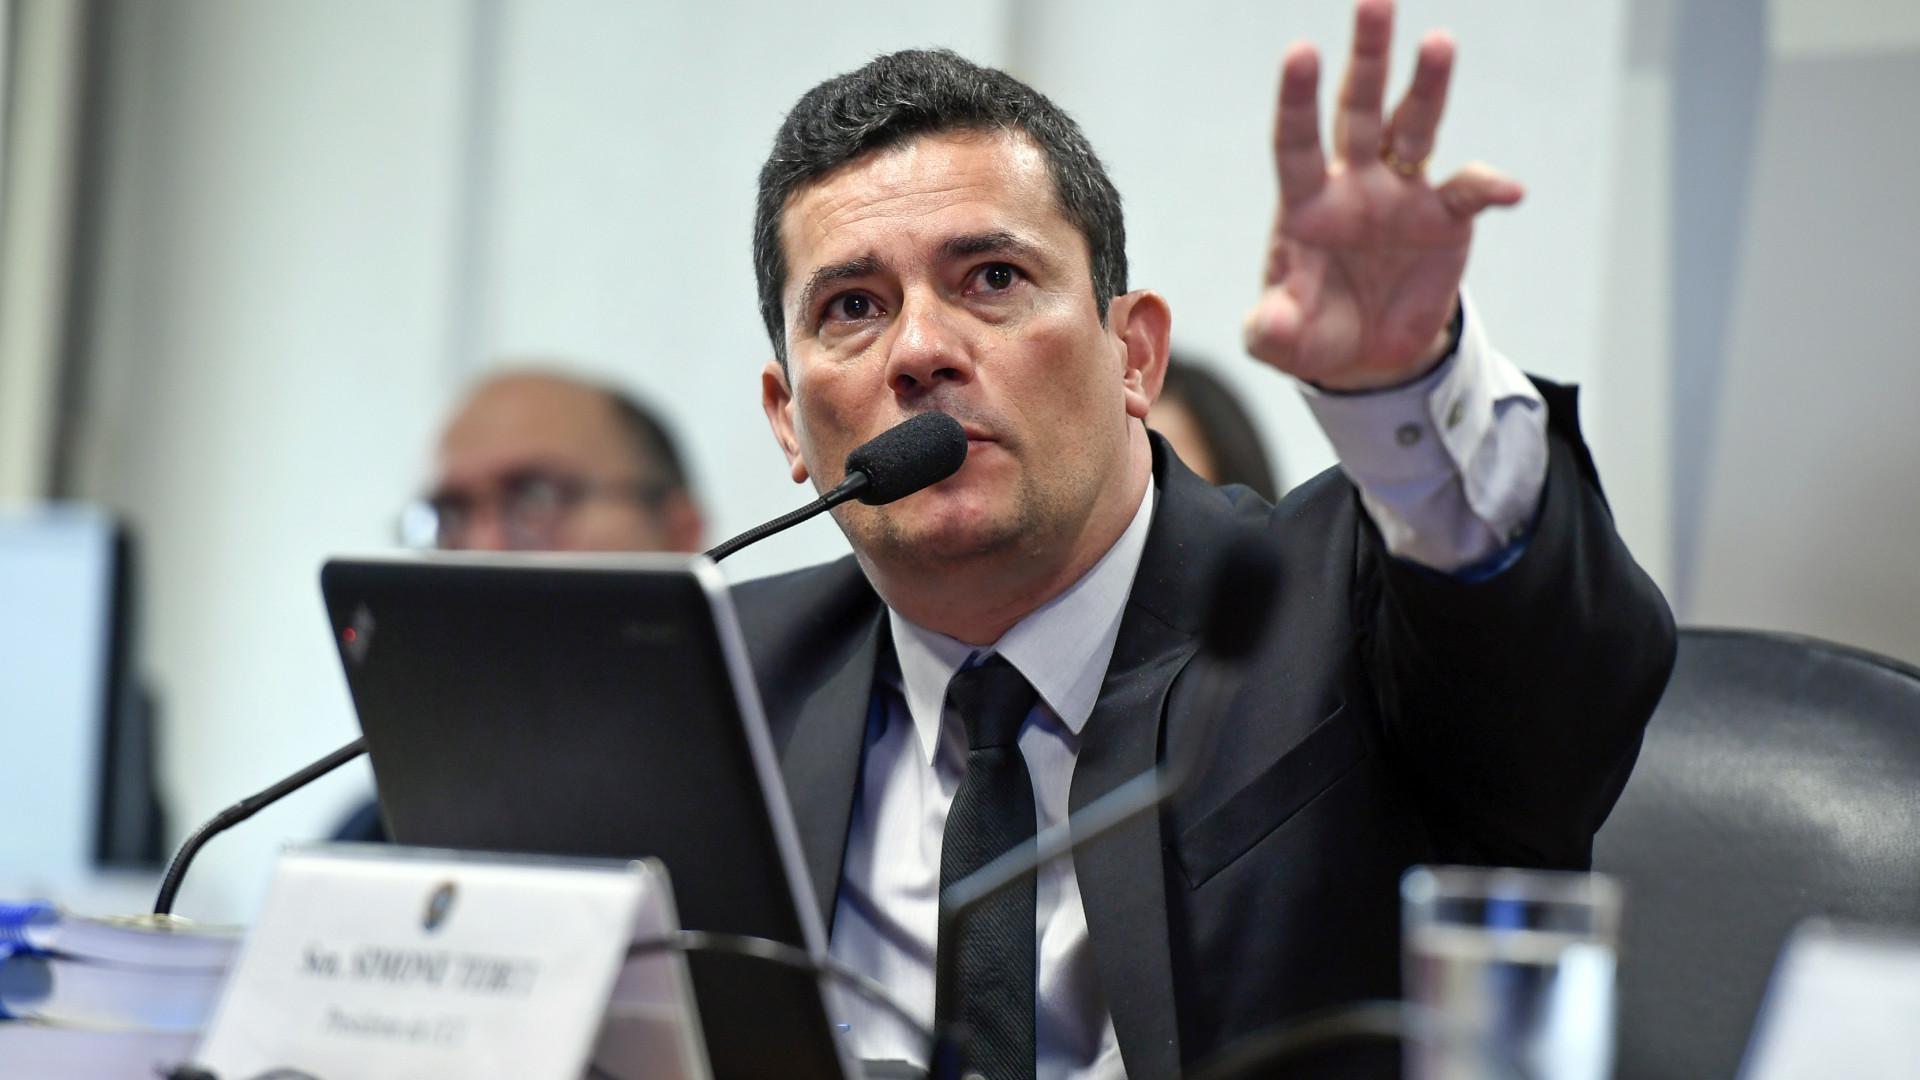 Coaf foi fortalecido com ida para a Justiça, diz Moro